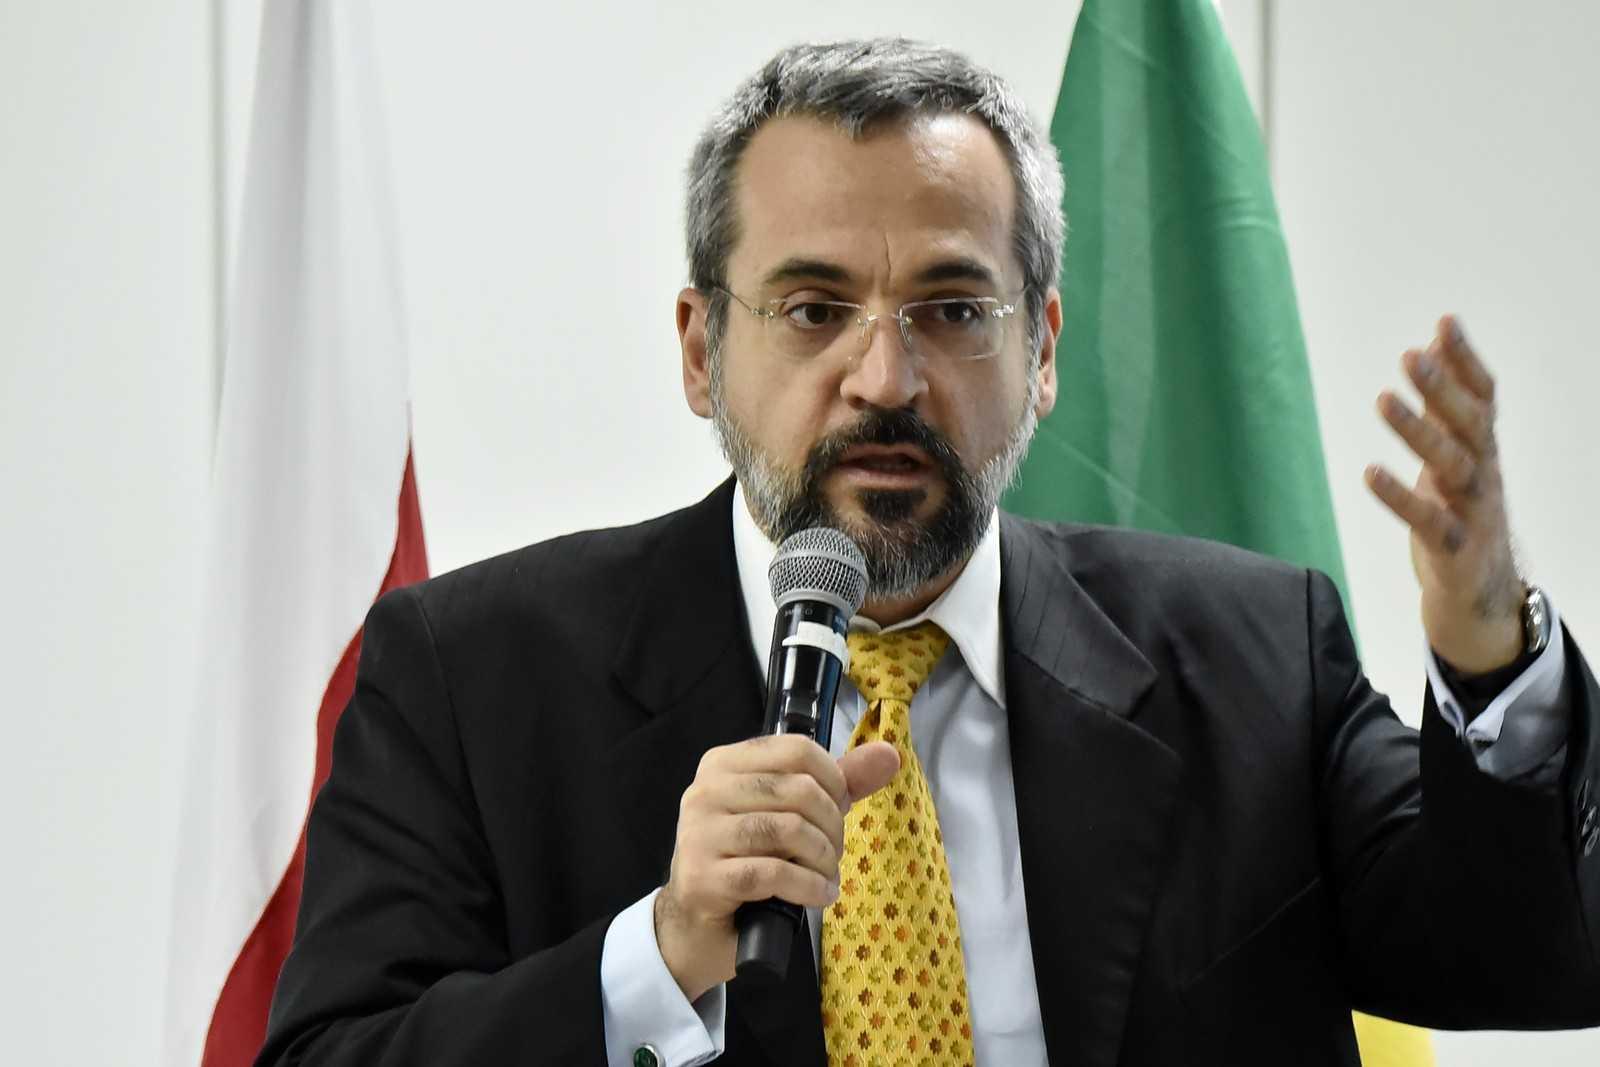 O novo ministro da Educação, Abraham Weintraub, durante evento do governo de transição, em dezembro de 2018 / Foto: Rafael Carvalho